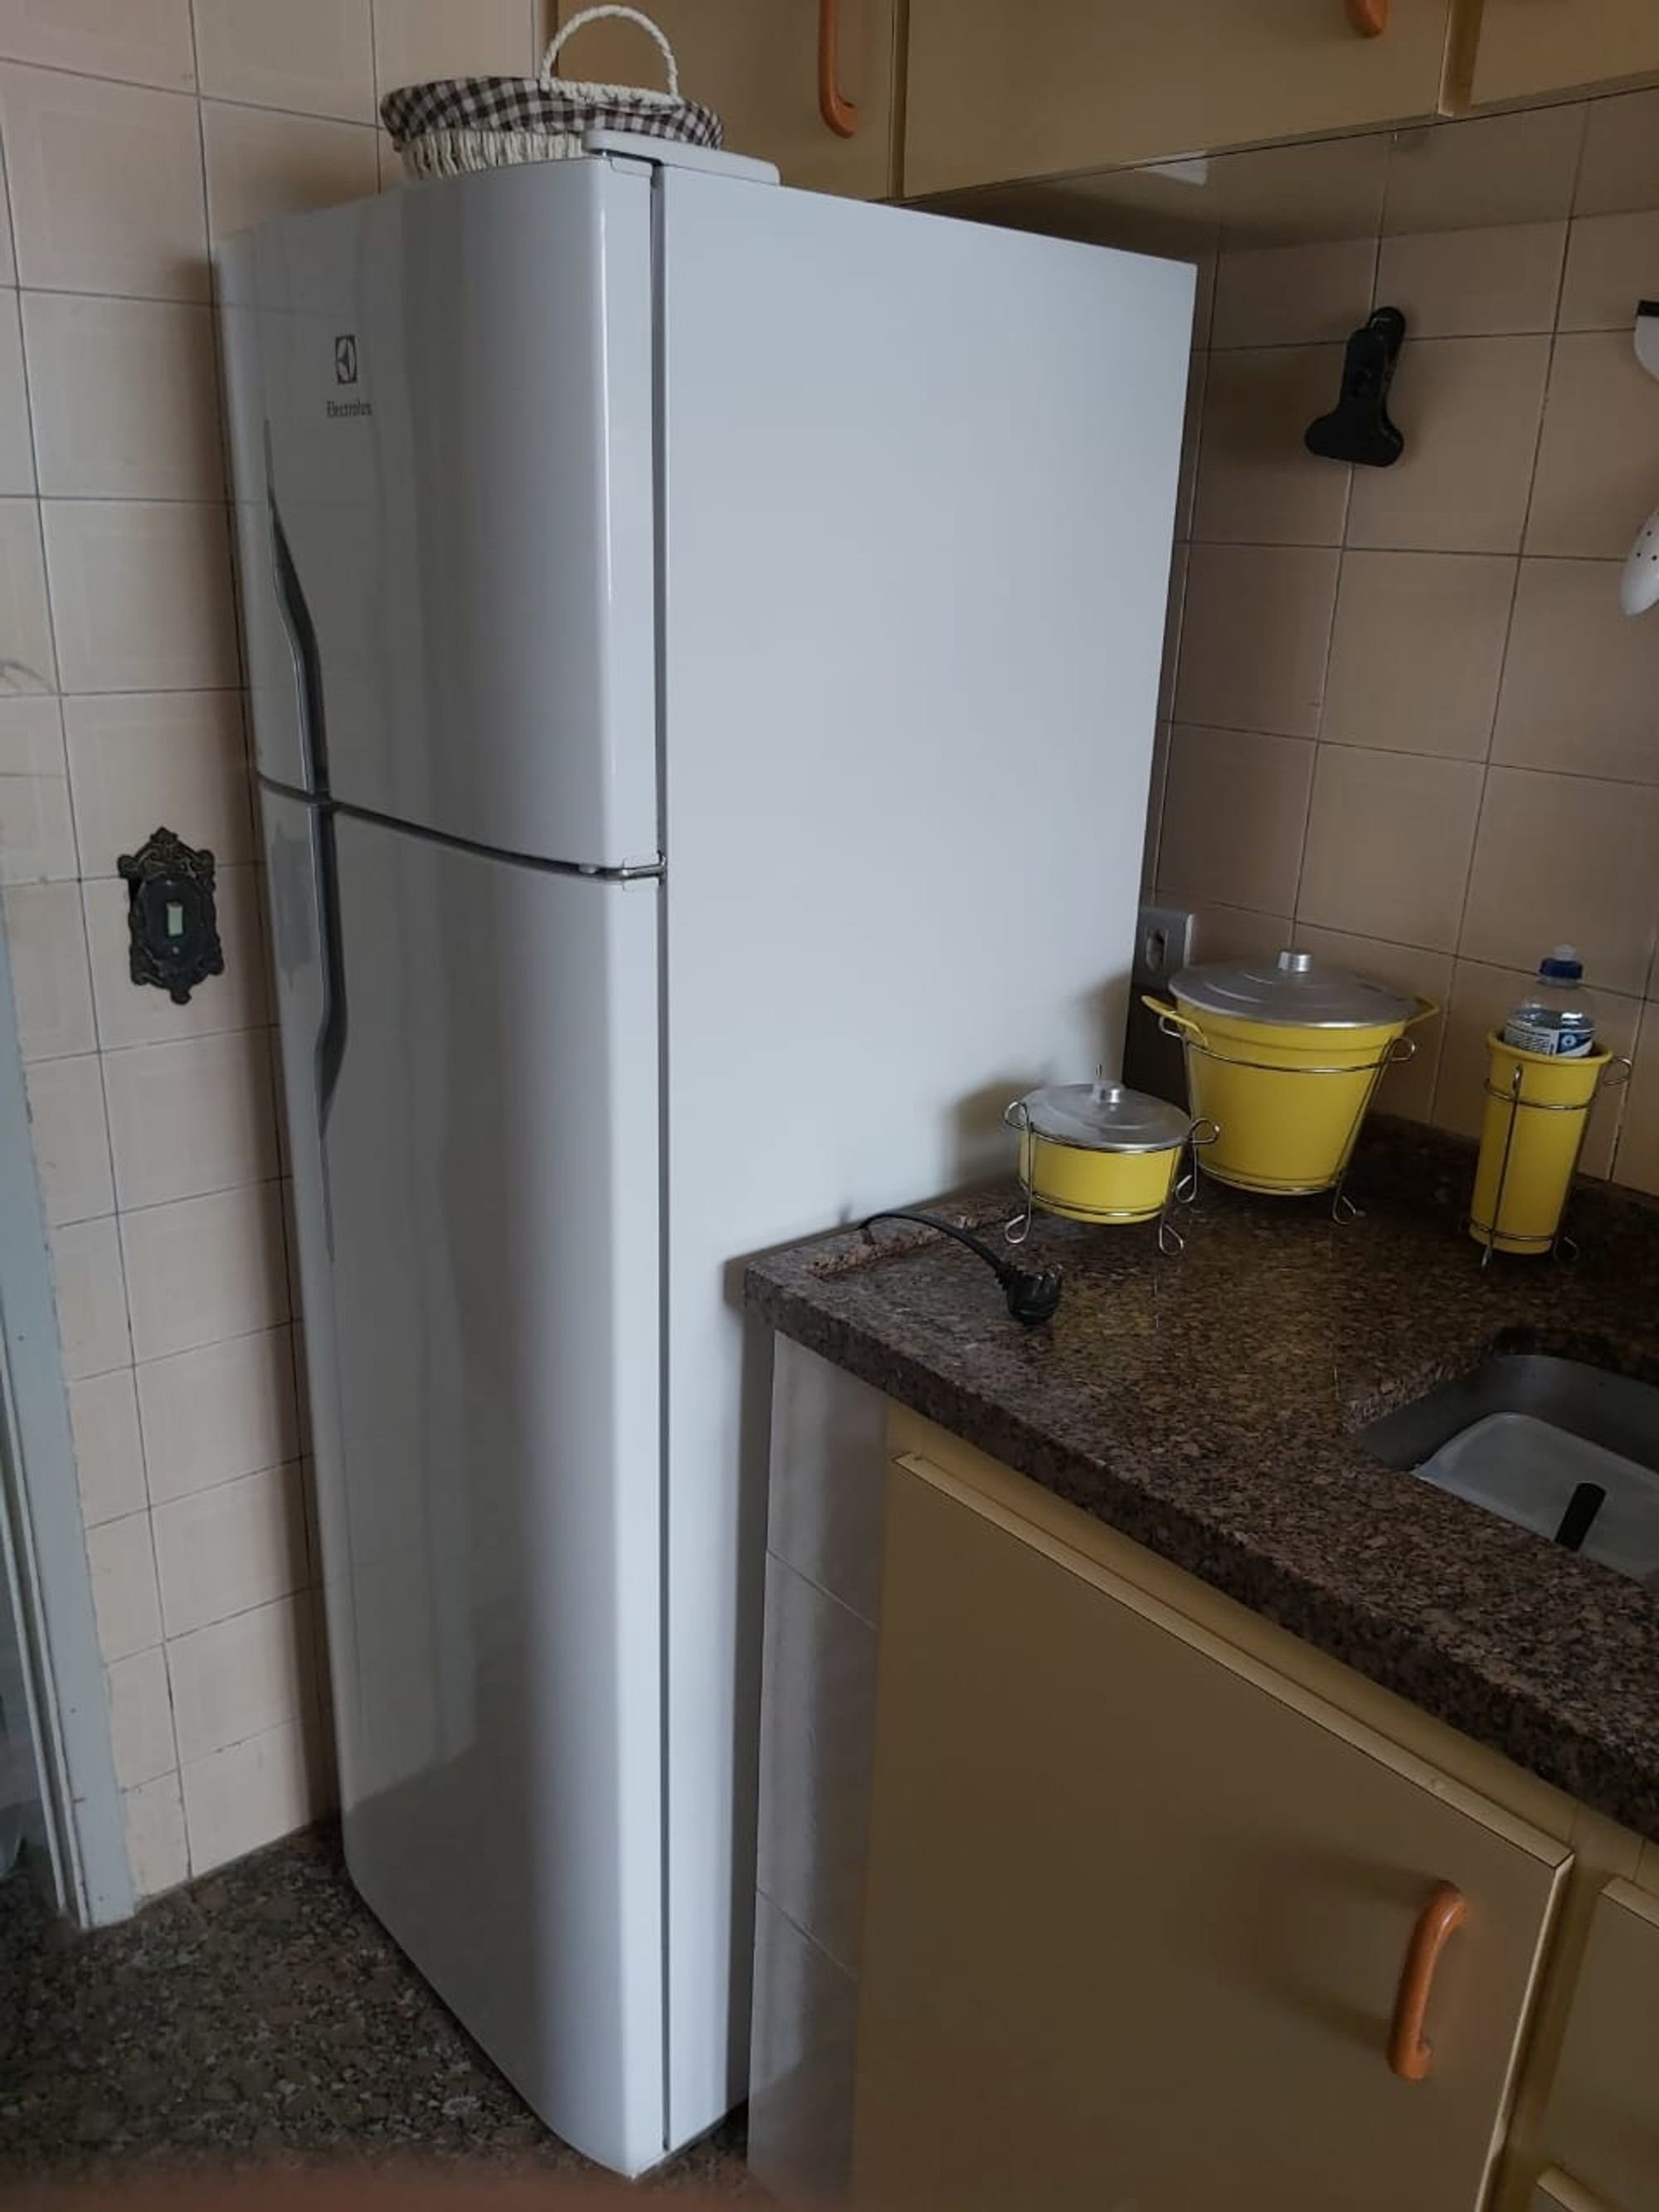 Foto de Cozinha com tigela, geladeira, pia, xícara